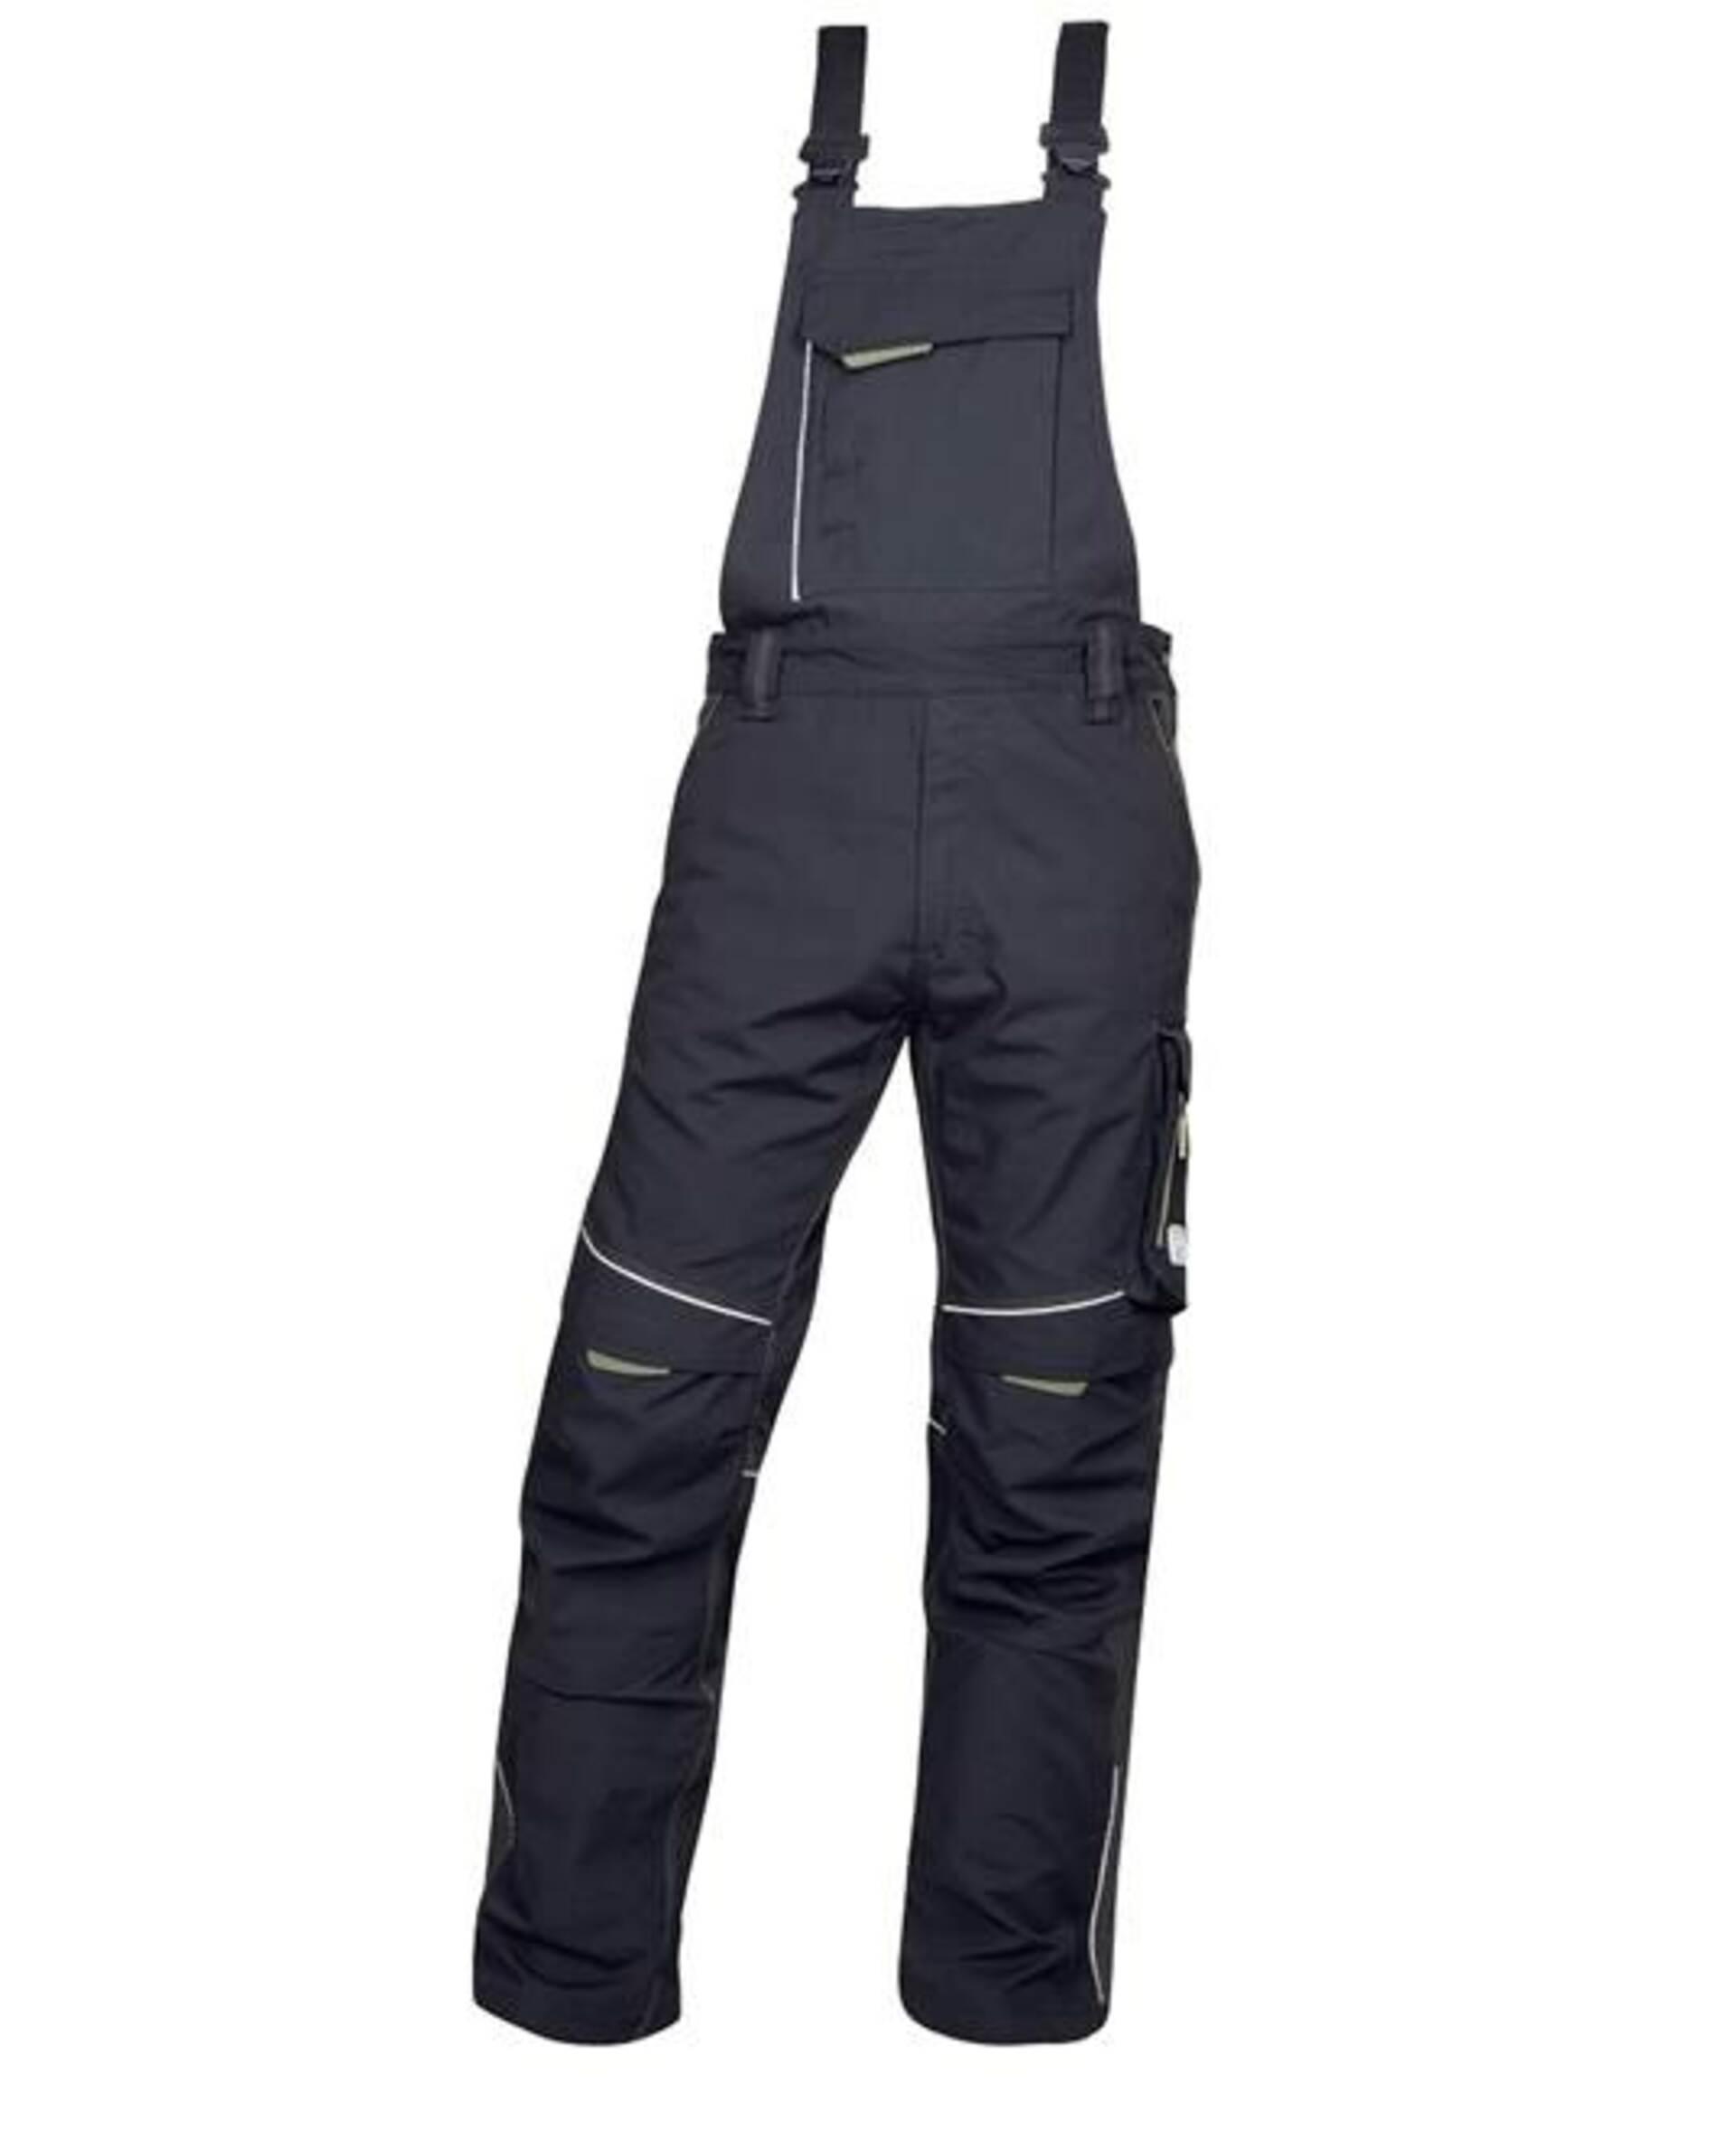 Ardon URBAN Kalhoty s laclem černá/šedá 182 58